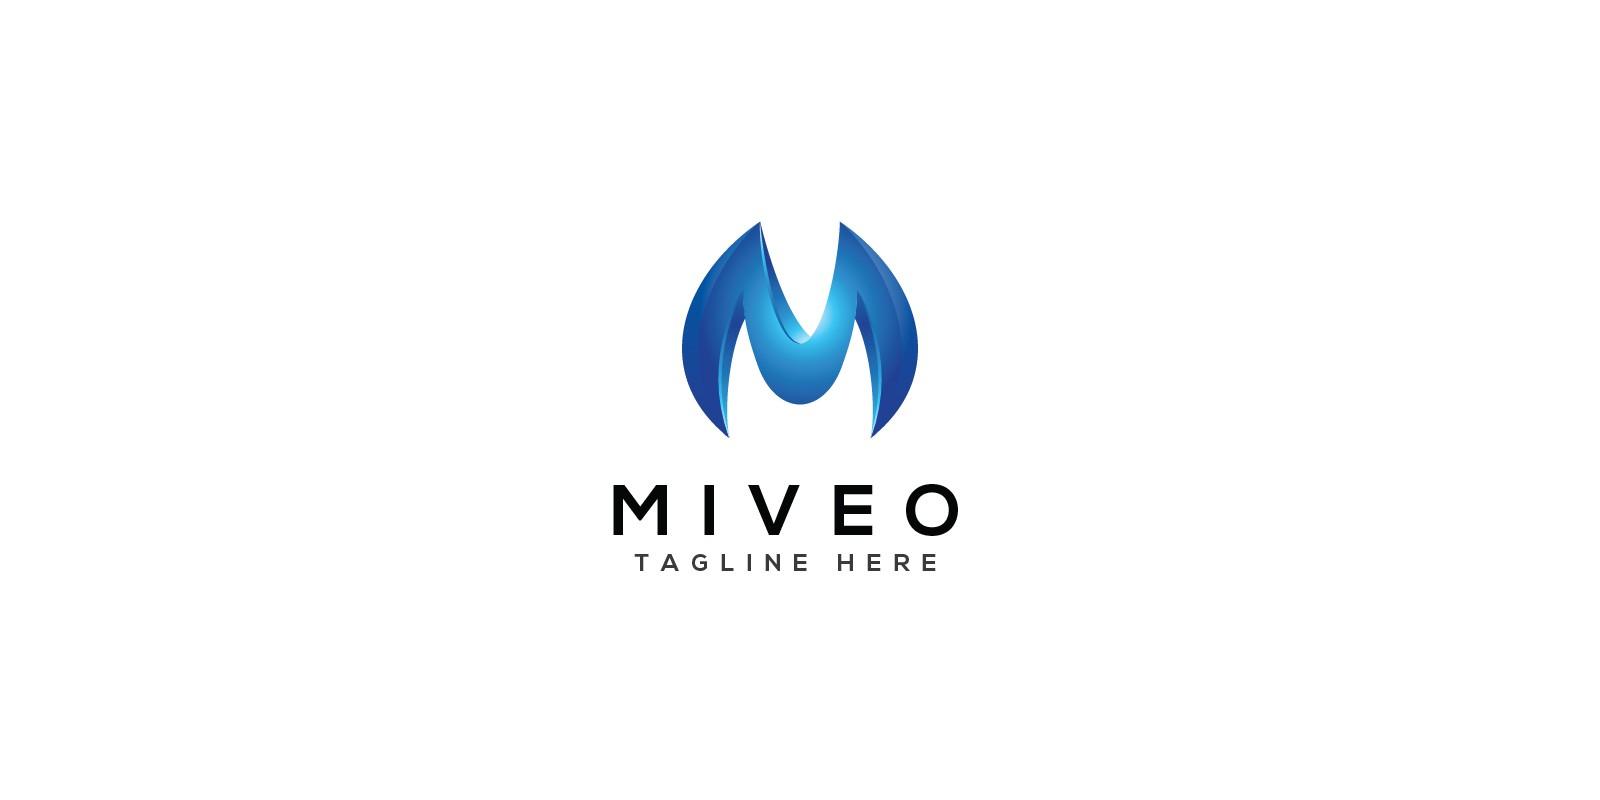 Miveo